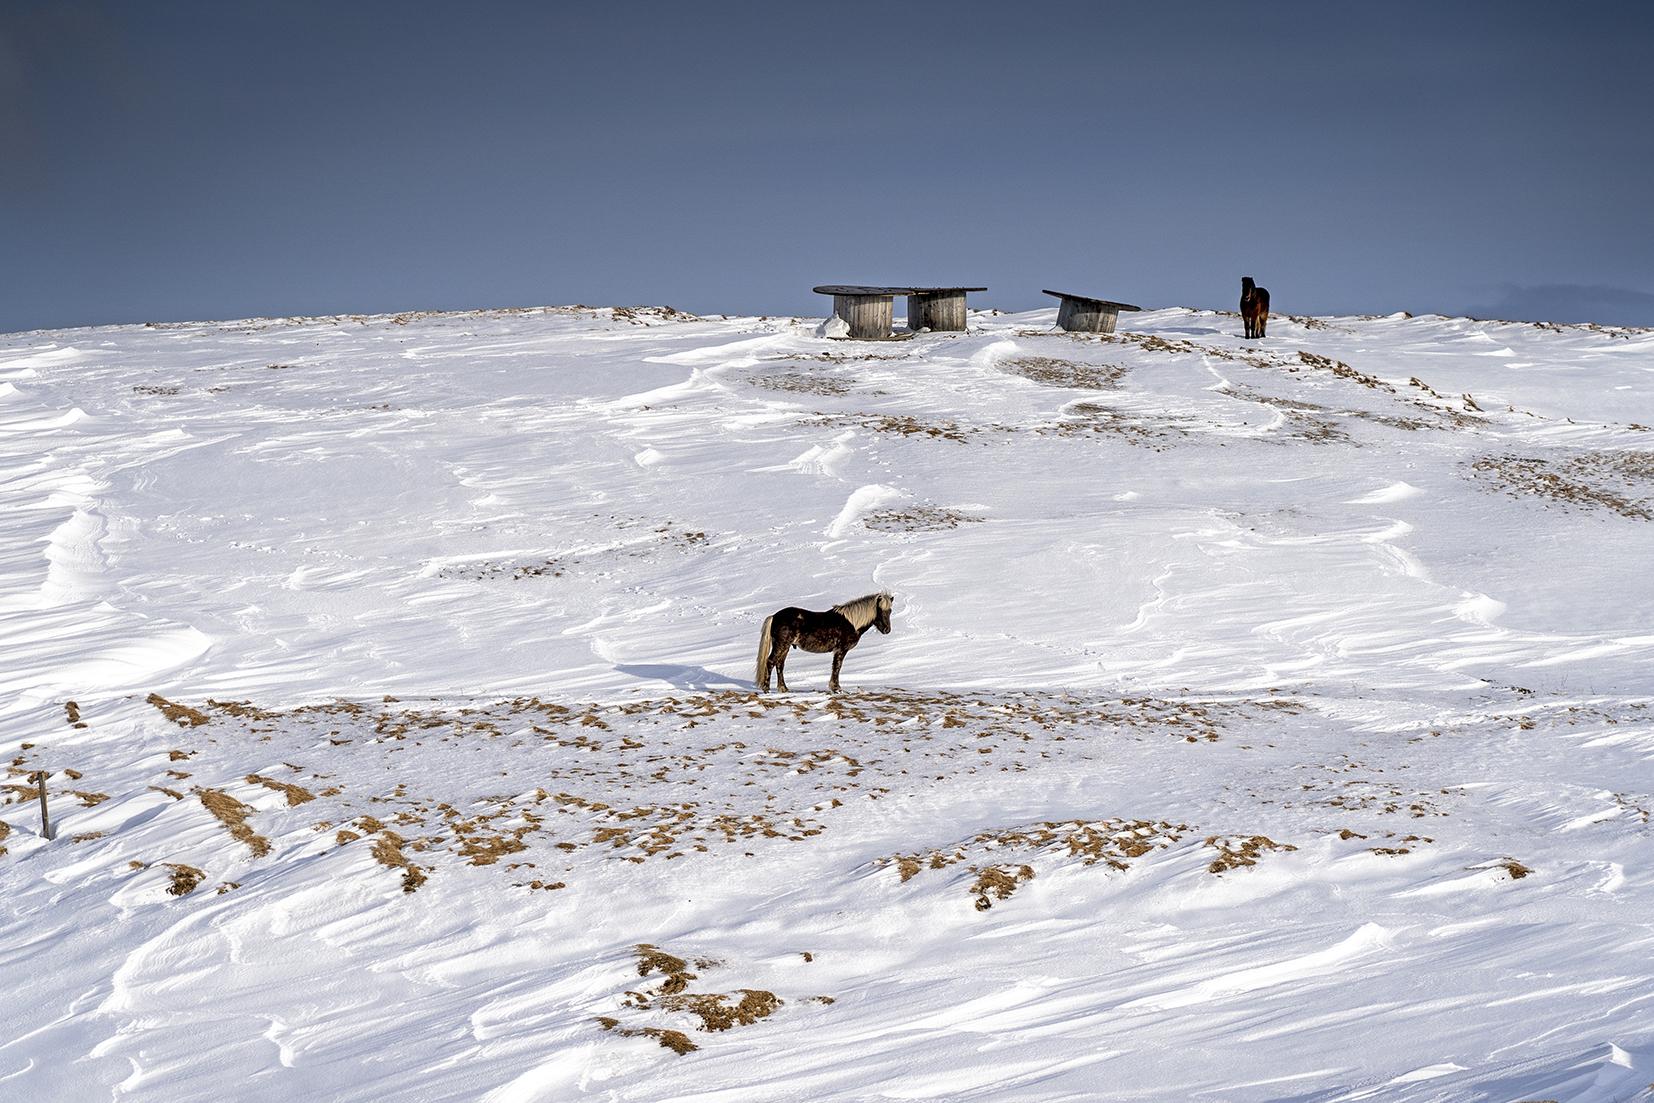 Islande du Nord cheval neige ciel bleu